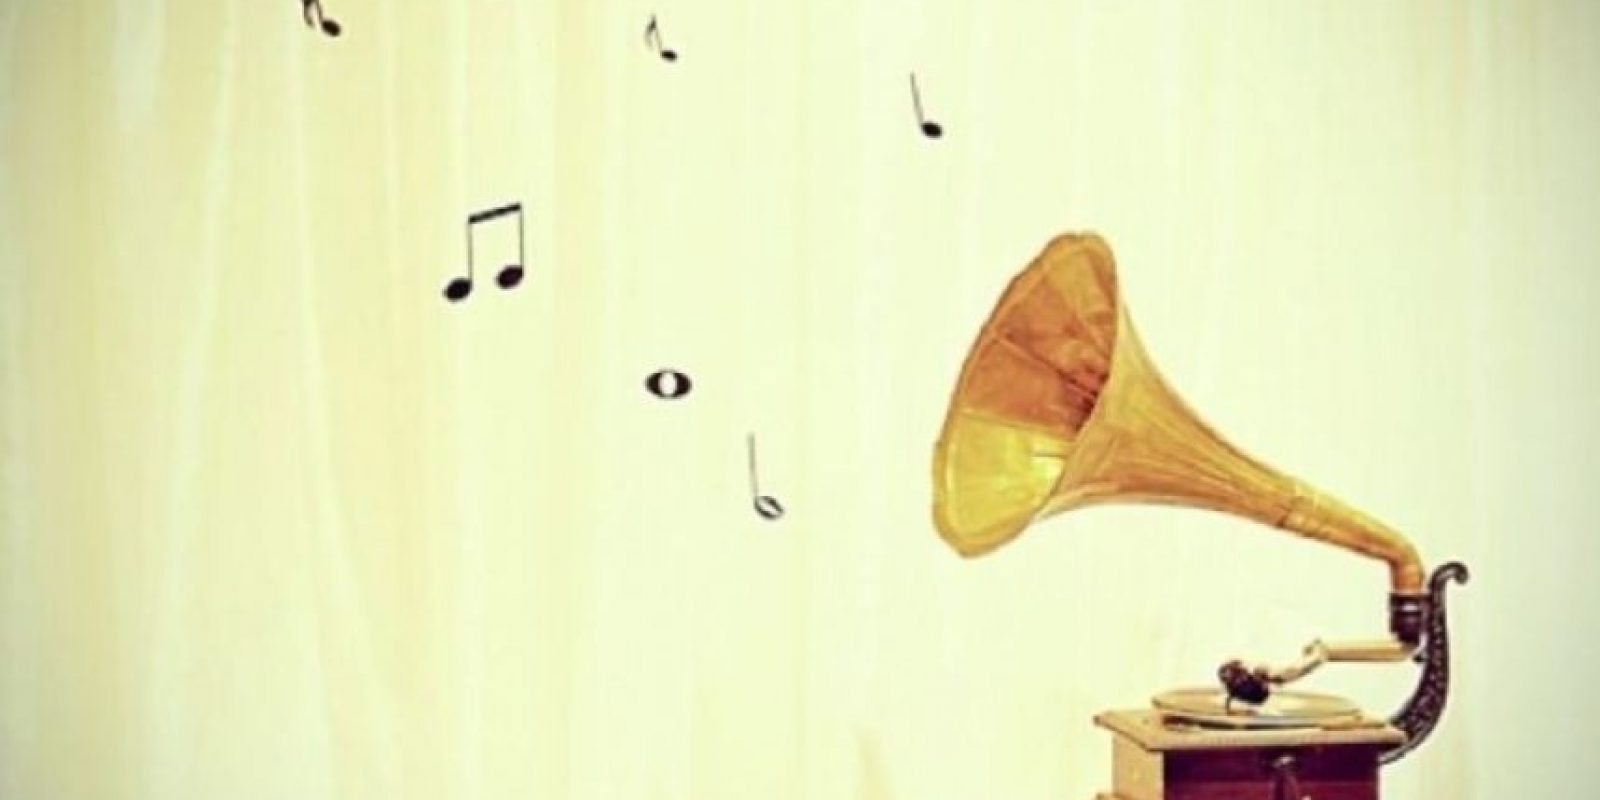 4. Si se ajustan bien, los cascos y los auriculares permiten escuchar música con claridad a volúmenes bajos, y cuando aíslan del ruido del entorno permiten escuchar el sonido a un volumen más bajo del que sería necesario en caso de no ser aislantes. Foto:vía Tumblr.com